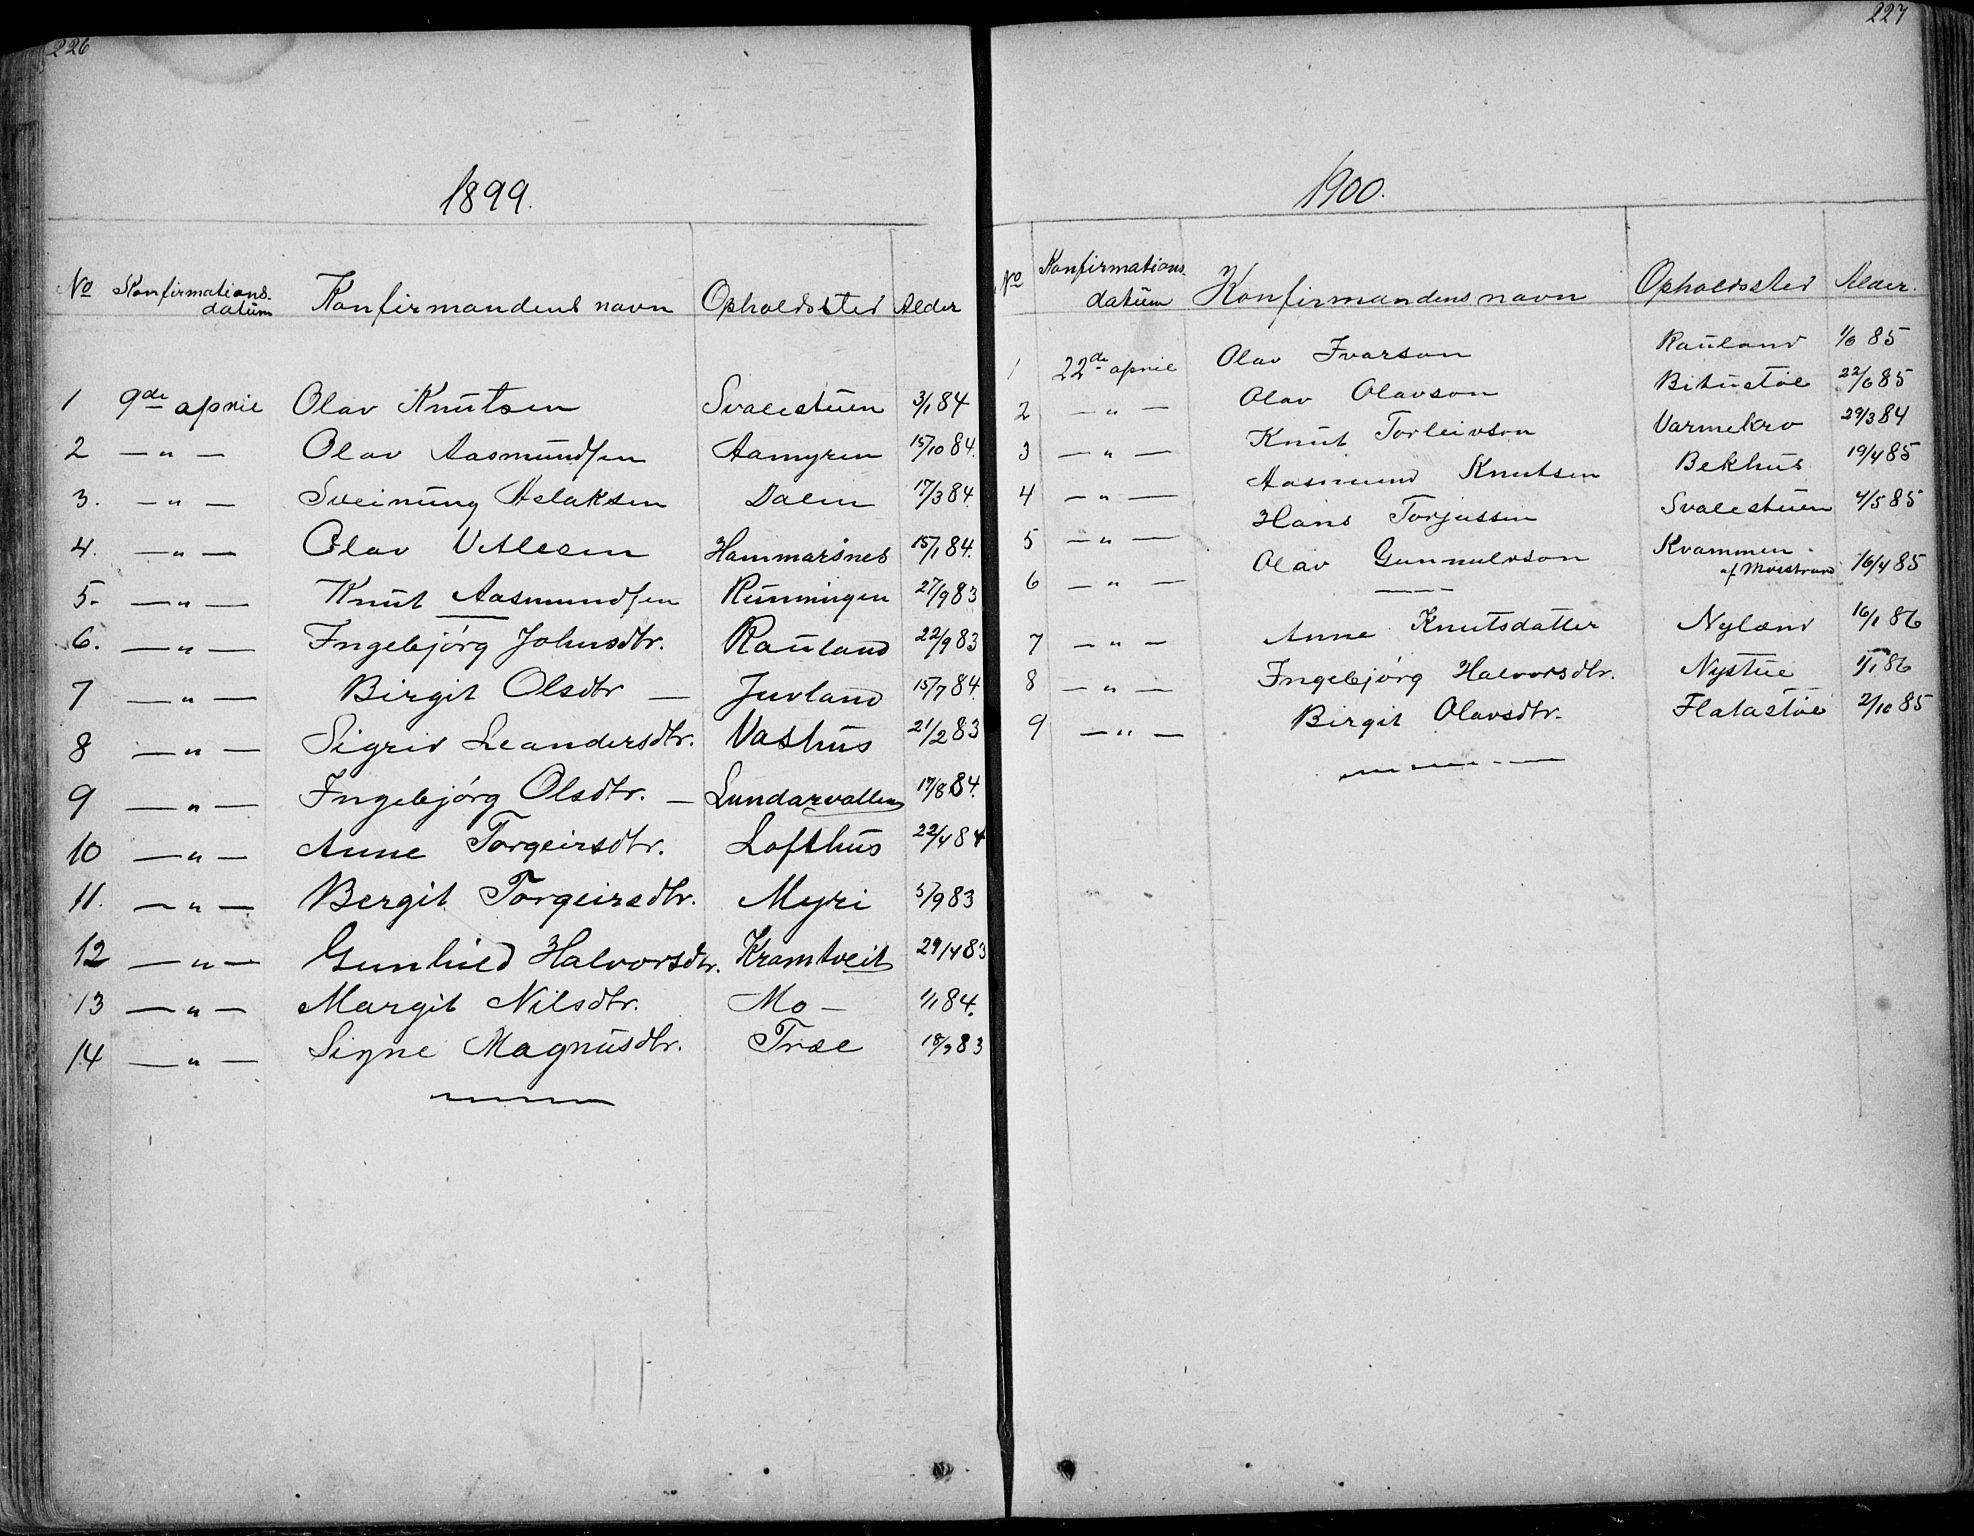 SAKO, Rauland kirkebøker, G/Ga/L0002: Klokkerbok nr. I 2, 1849-1935, s. 226-227